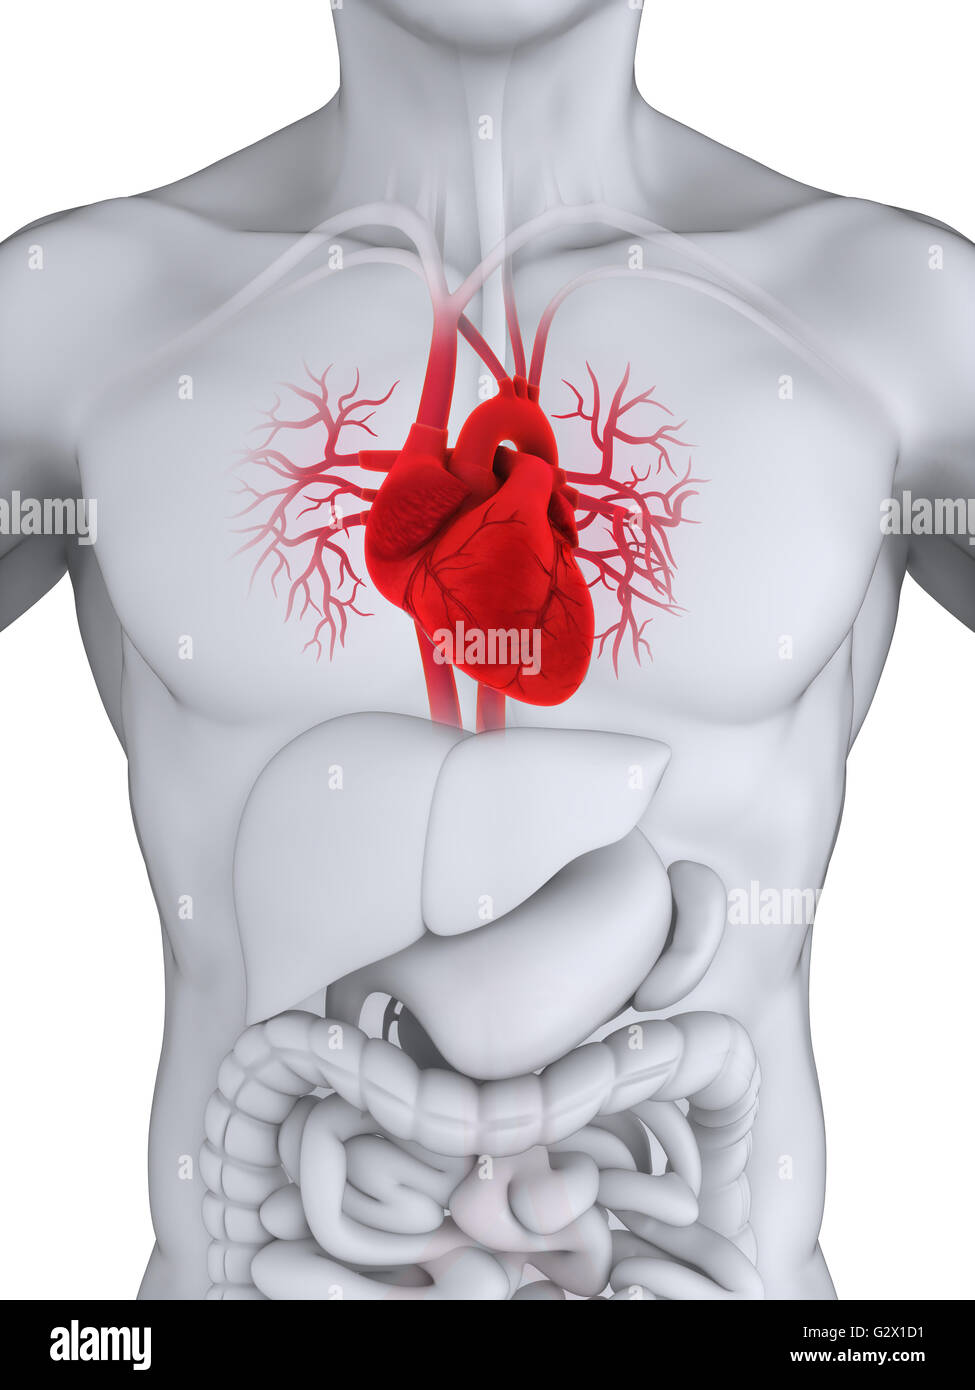 Anatomía del corazón humano Foto & Imagen De Stock: 105063421 - Alamy